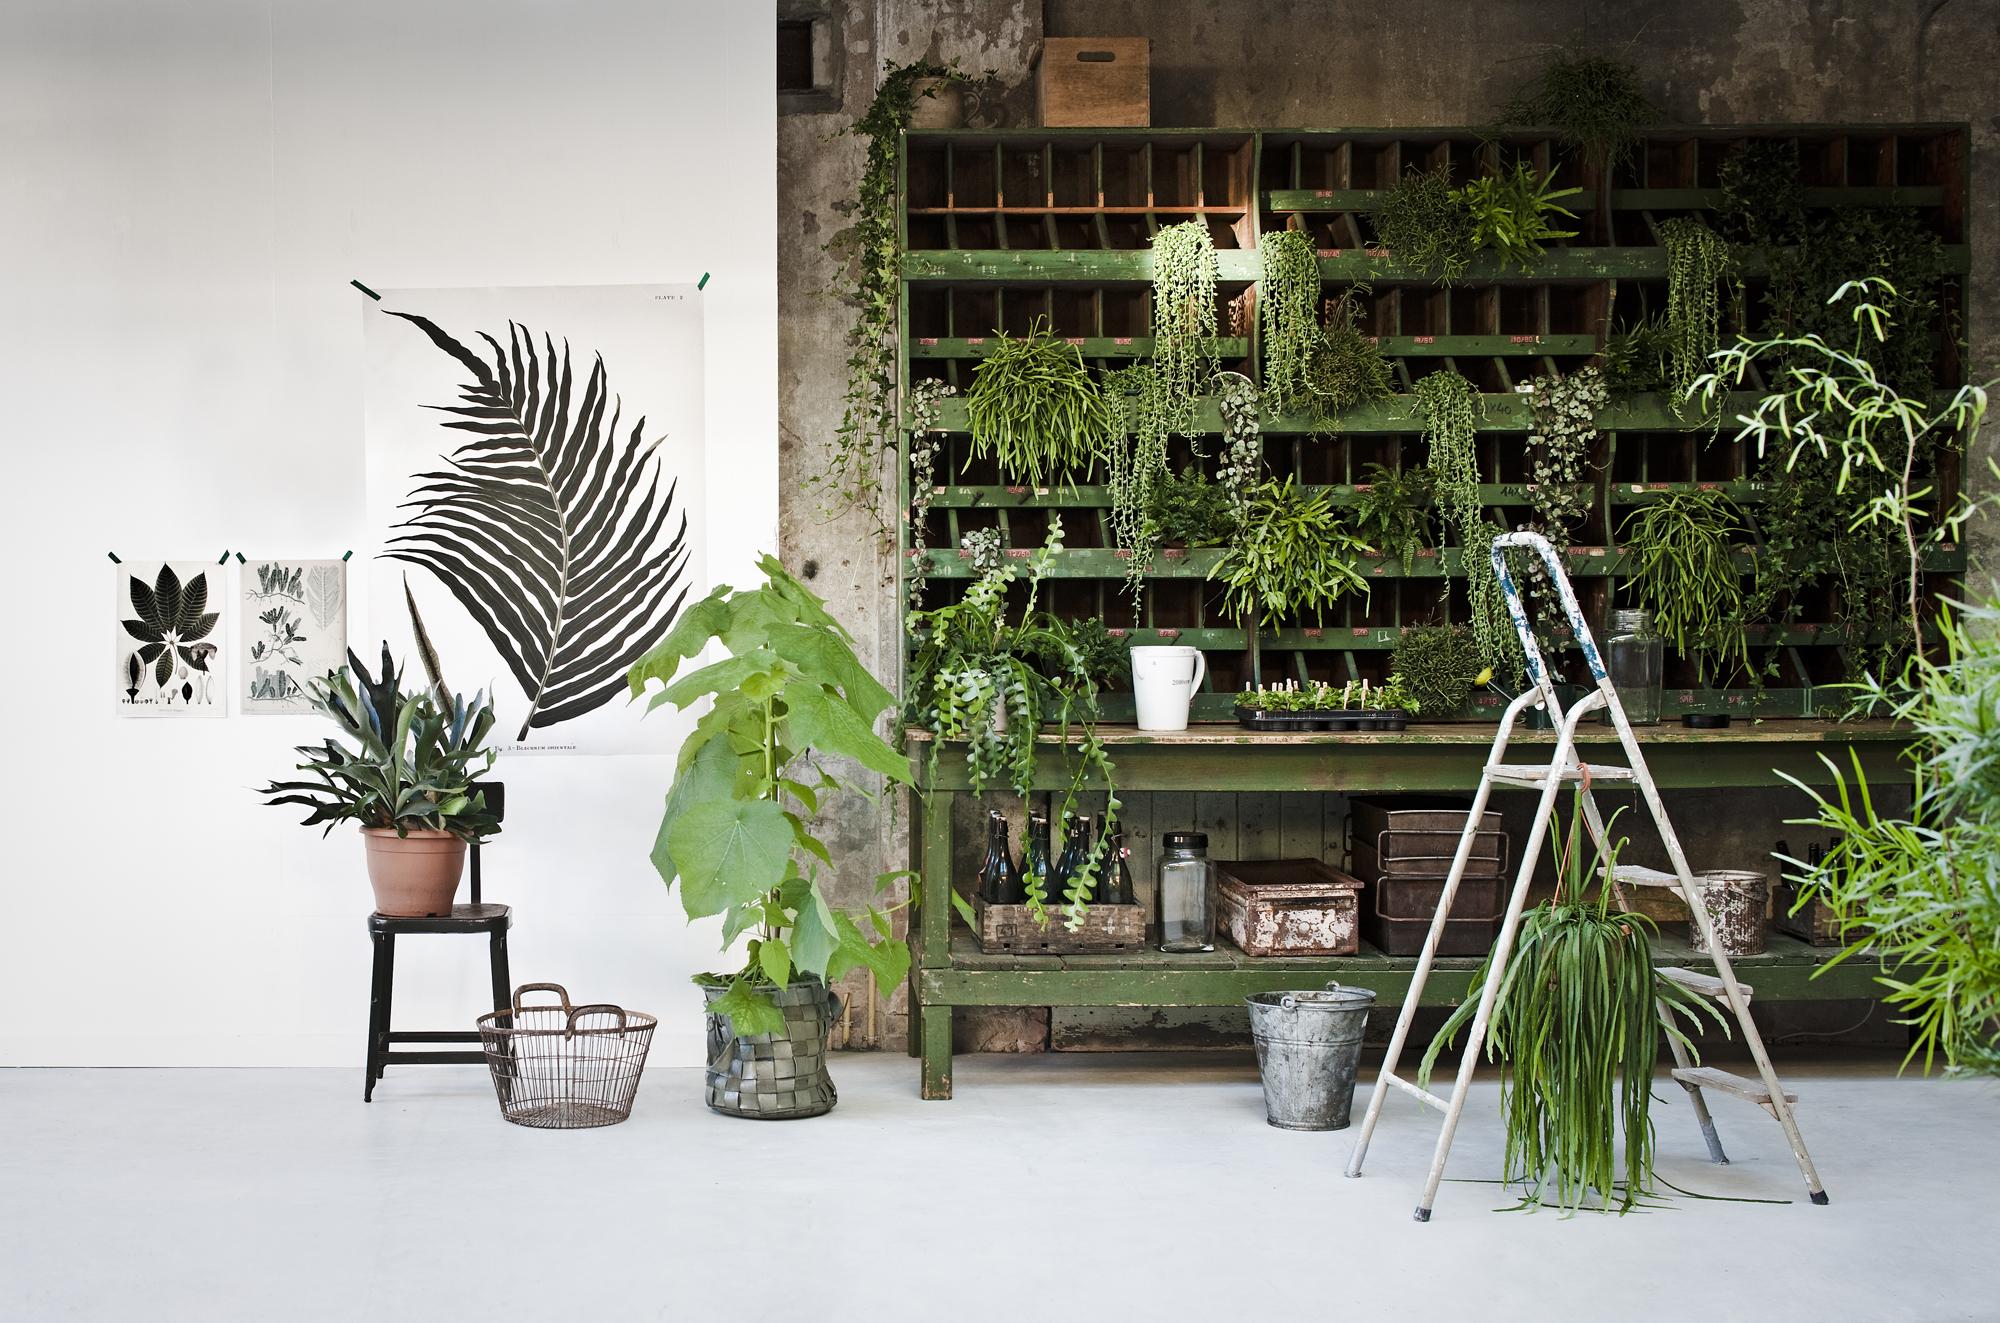 photographe Jeroen van der Spek mur vegetal